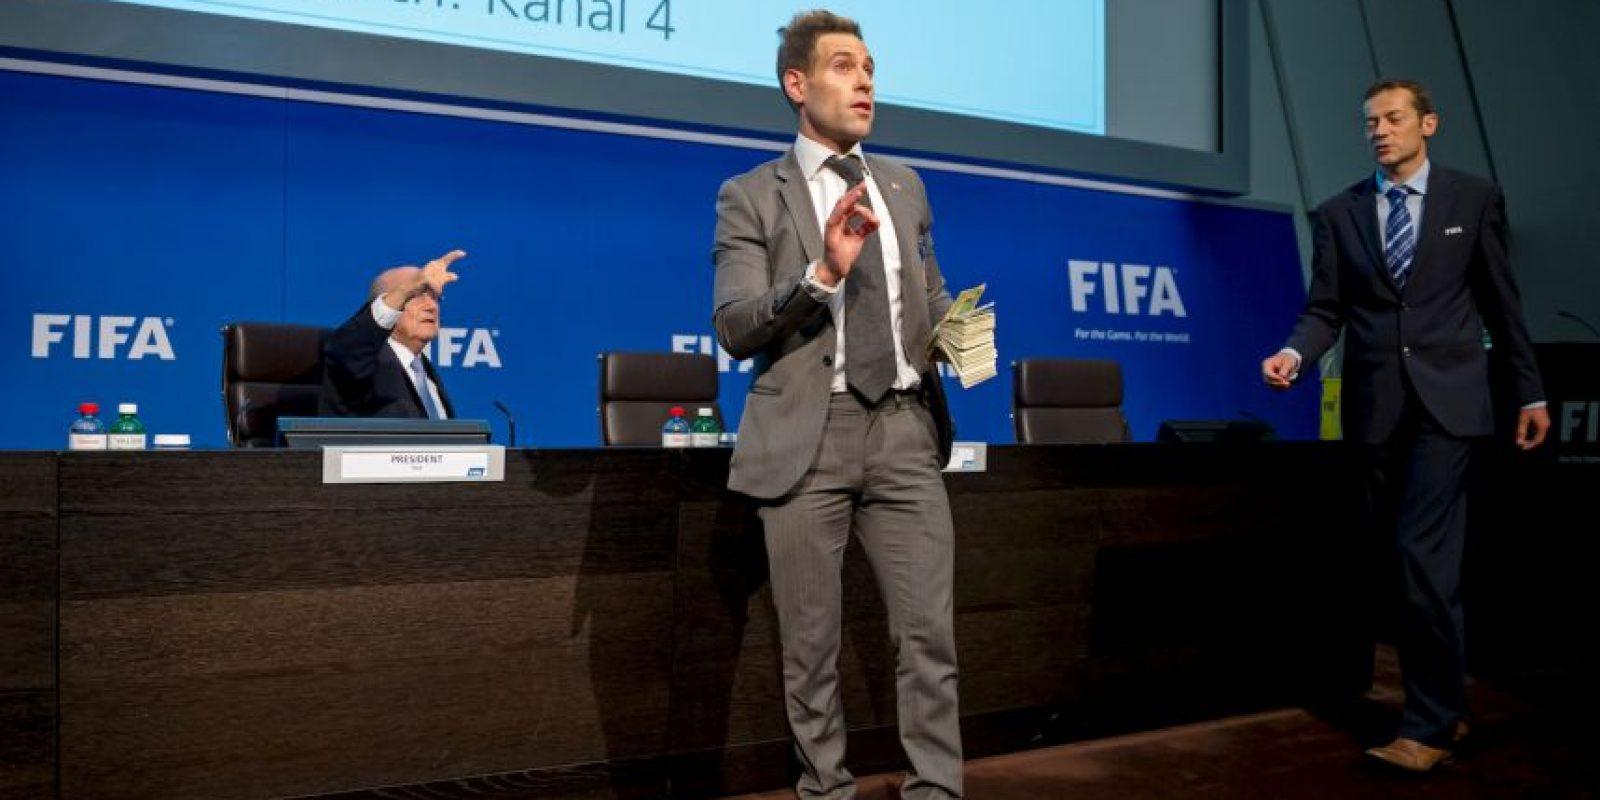 Tras el anuncio de la nueva fecha para las elecciones de la FIFA, un comediante inglés exhibió a Joseph Blatter en conferencia de prensa, el pasado mes de julio. Foto:Getty Images